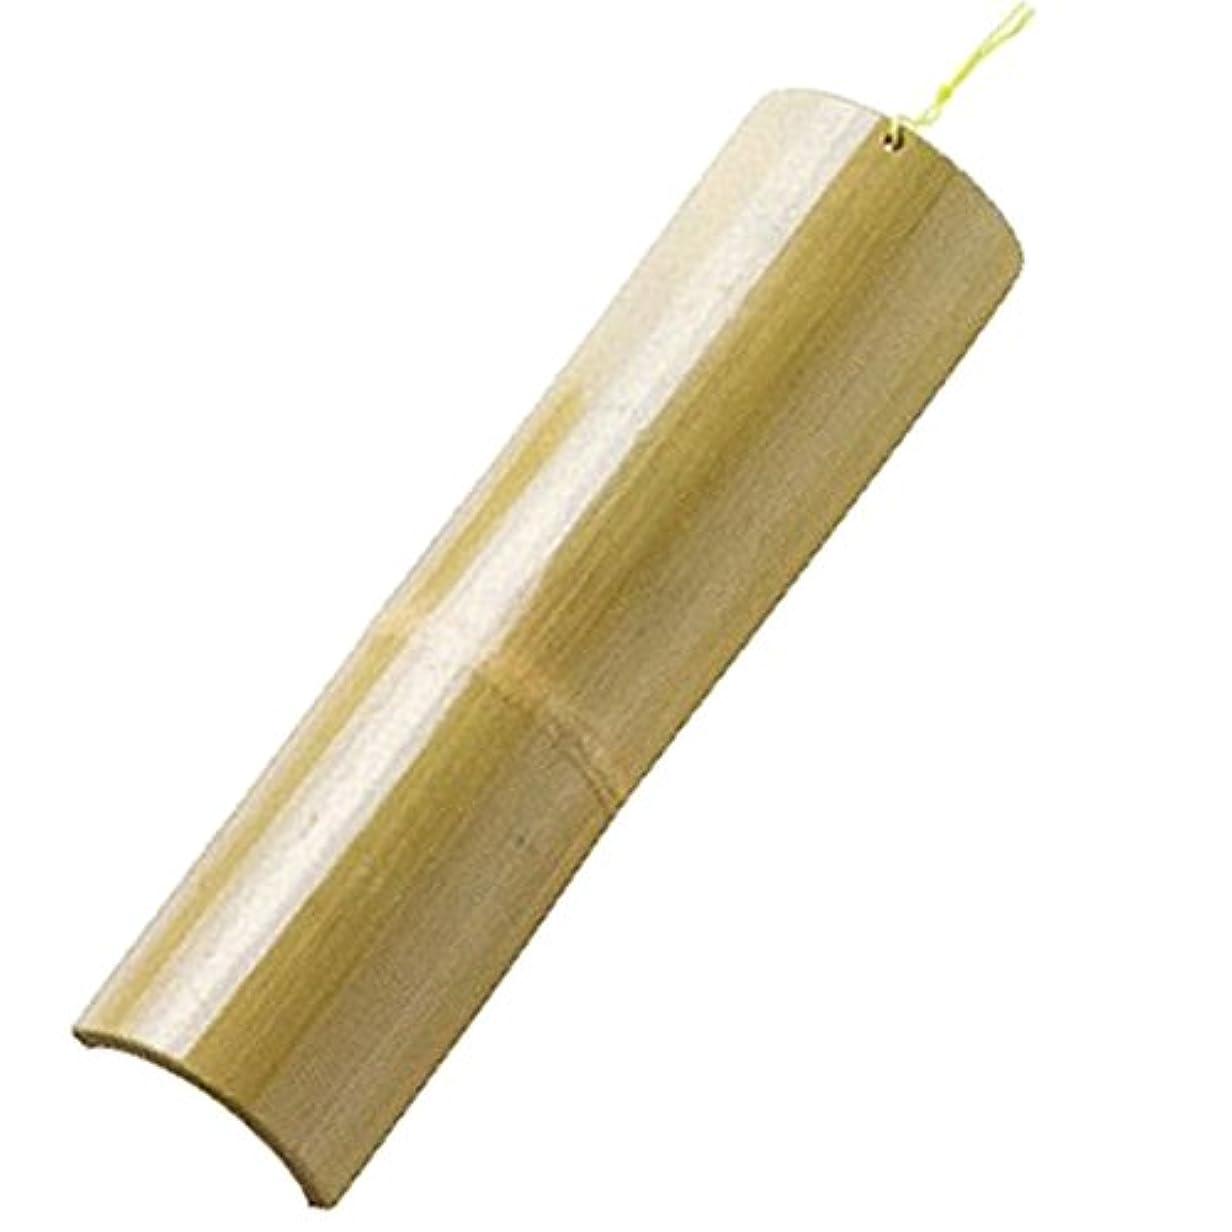 緊張するサイドボード天井小柳産業 晒(さらし) 踏竹 (大) 43054